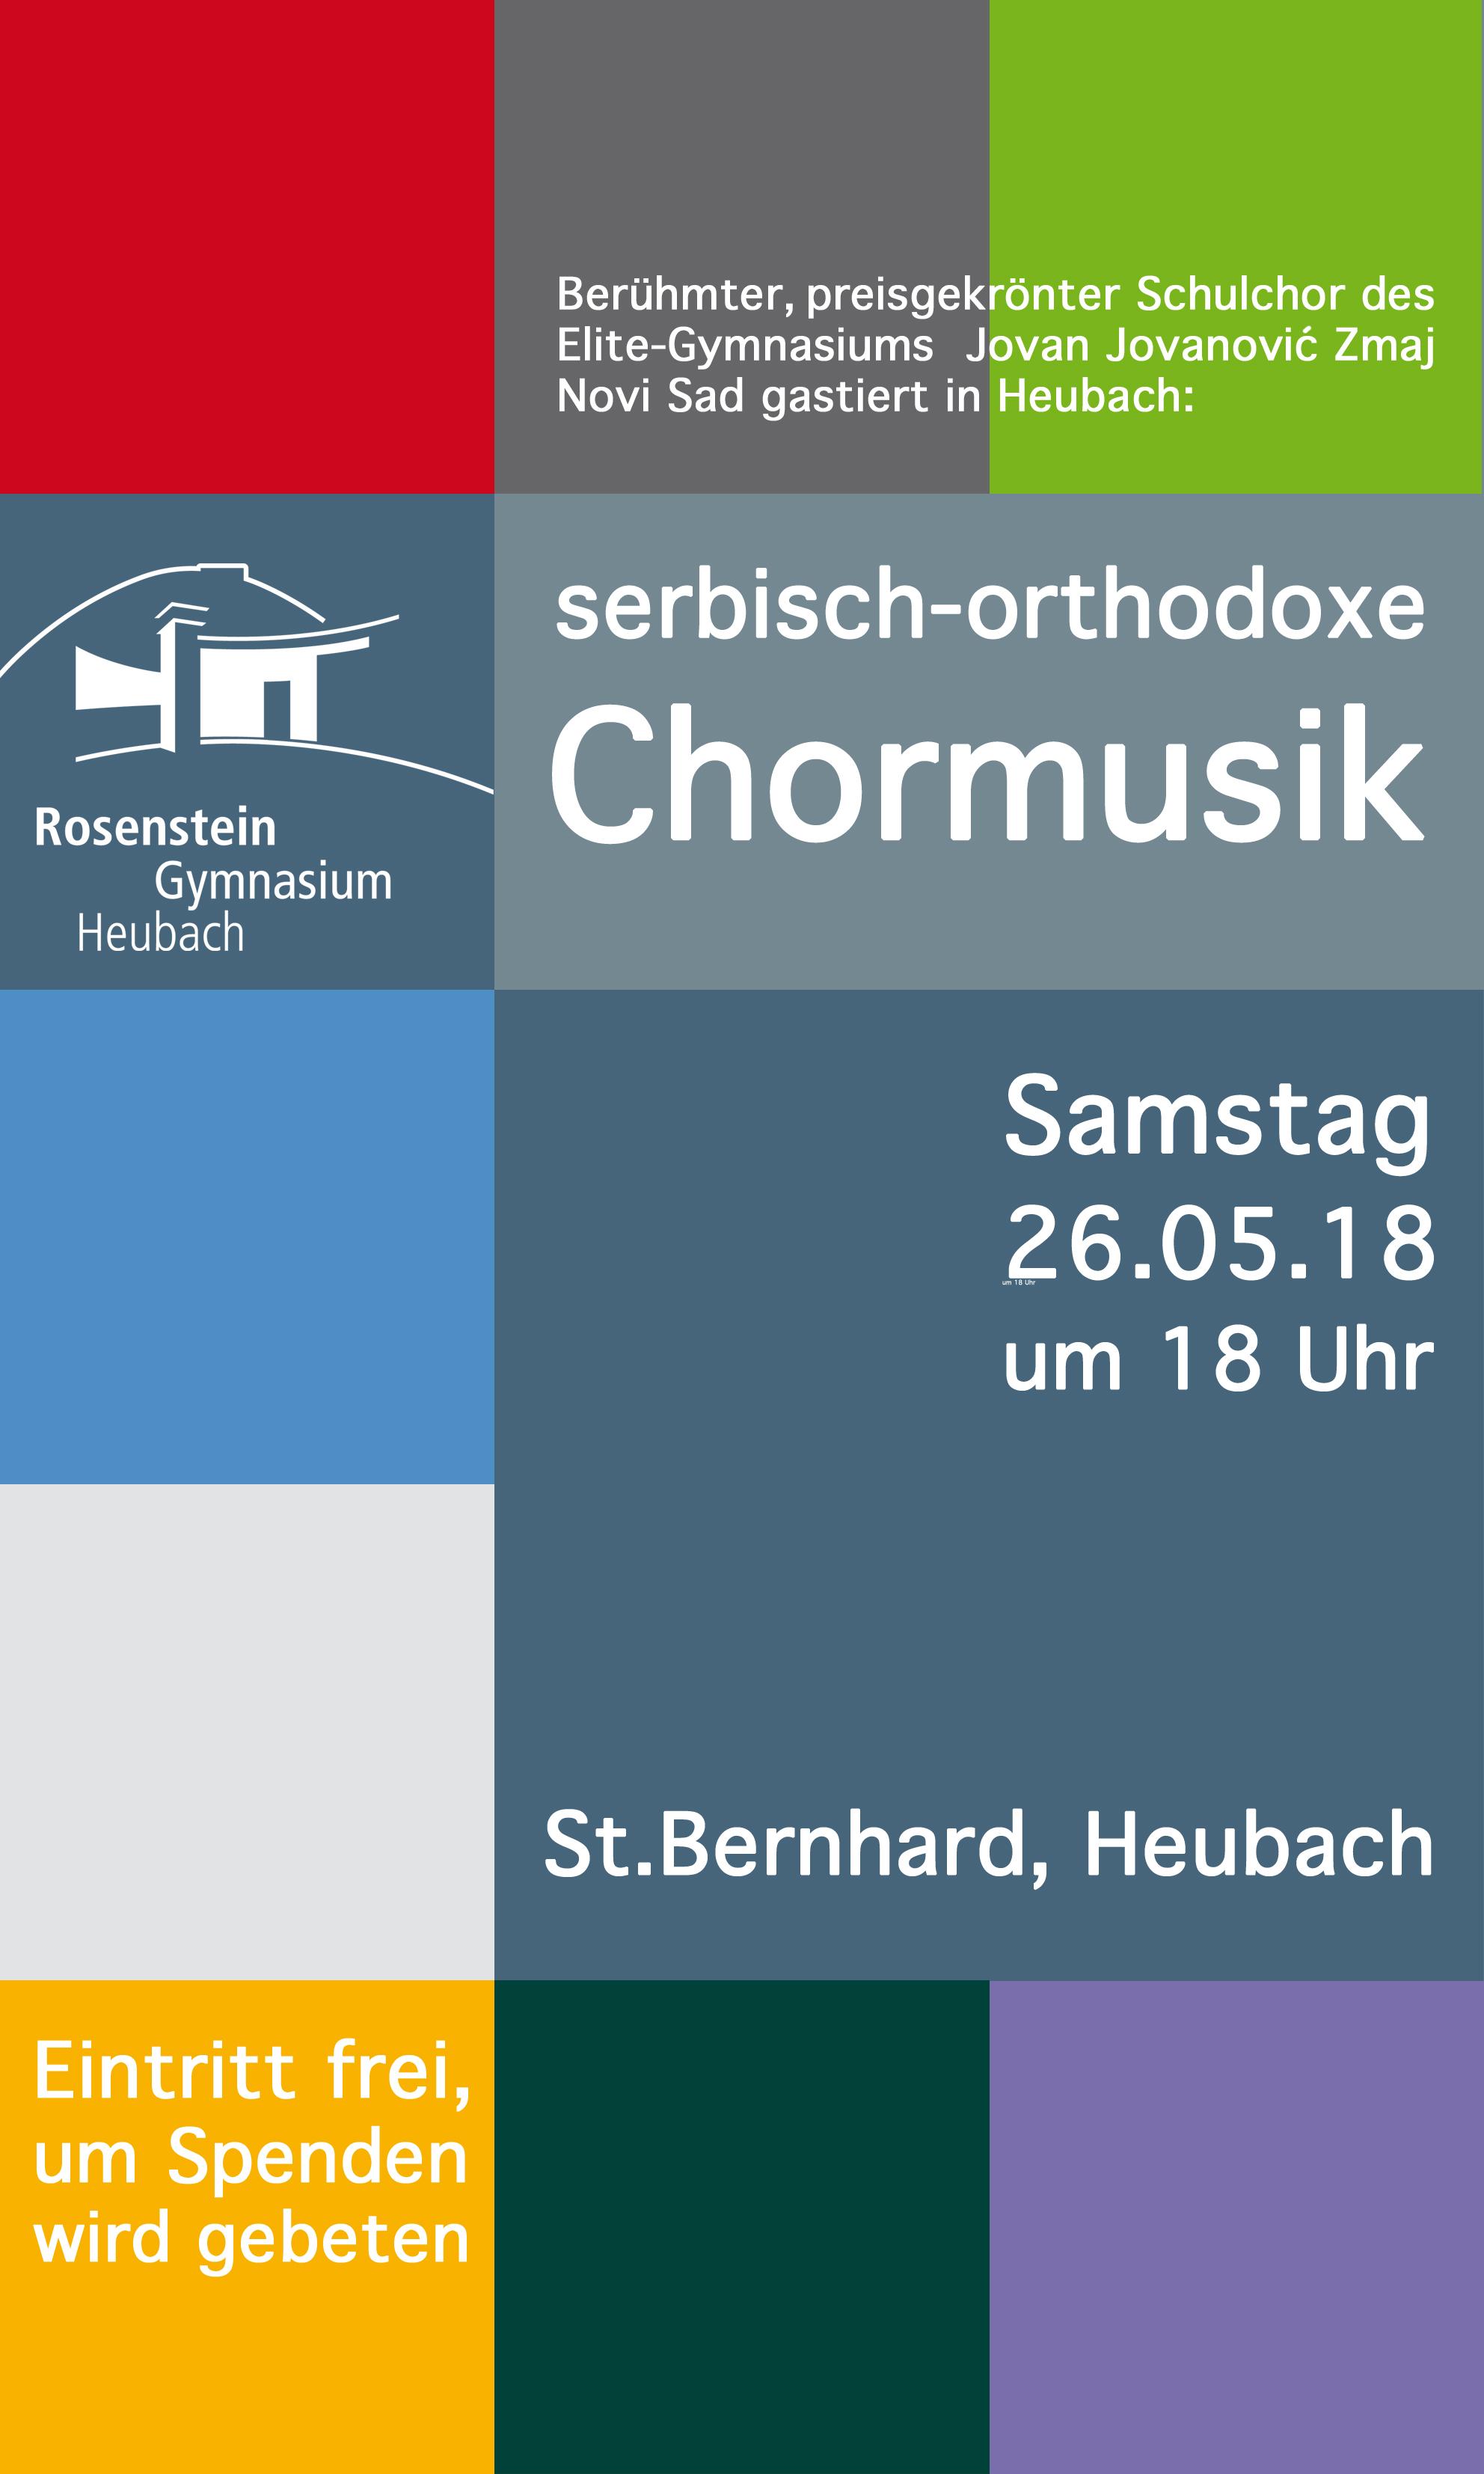 SerbChormusik.JPG